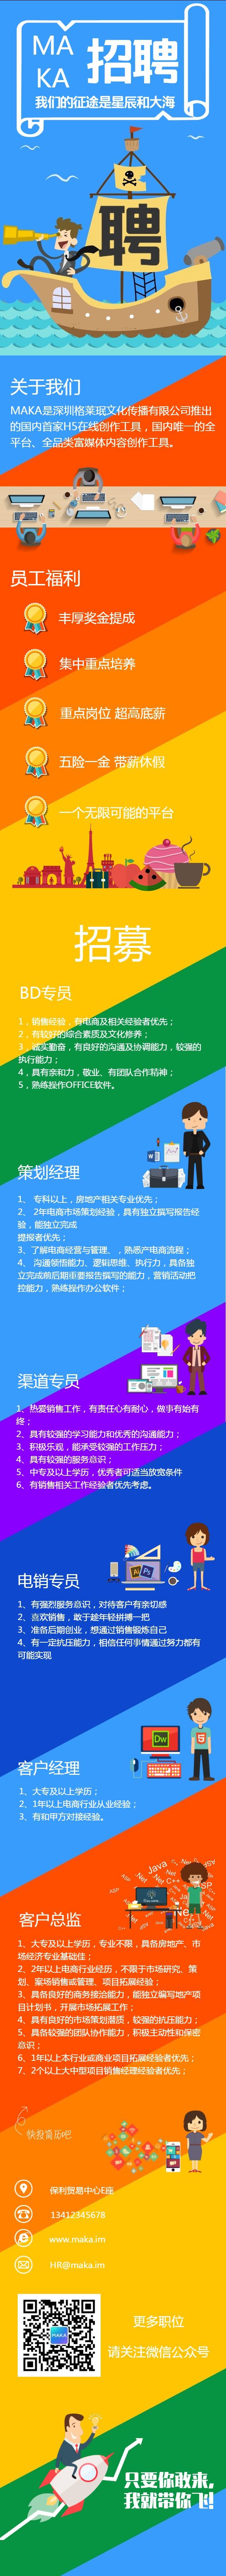 扁平简约蓝色互联网企业社会招聘介绍推广单页